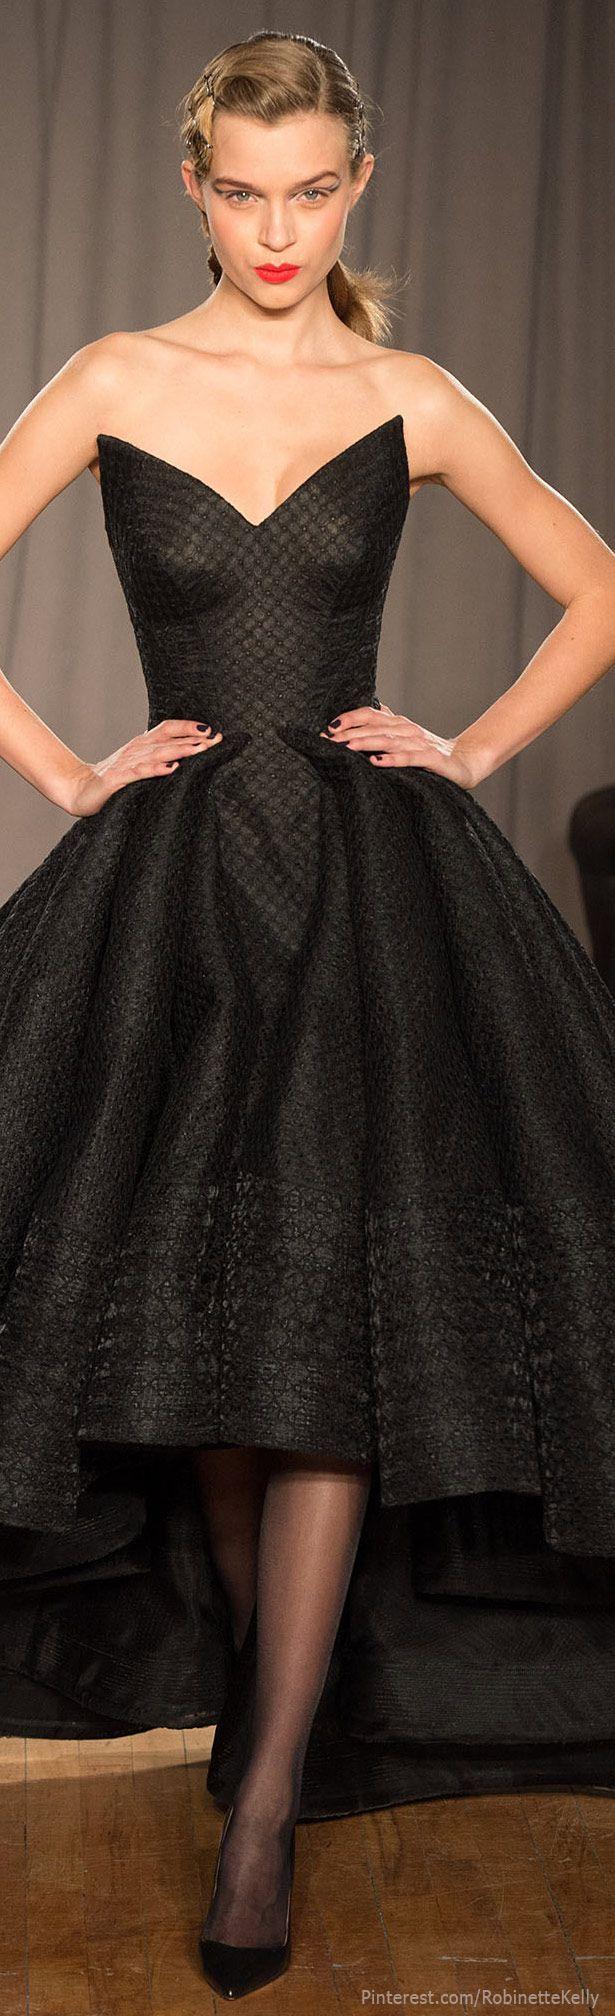 Die besten 17 Bilder zu Dresses auf Pinterest | Spitzenkleider, Maxi ...